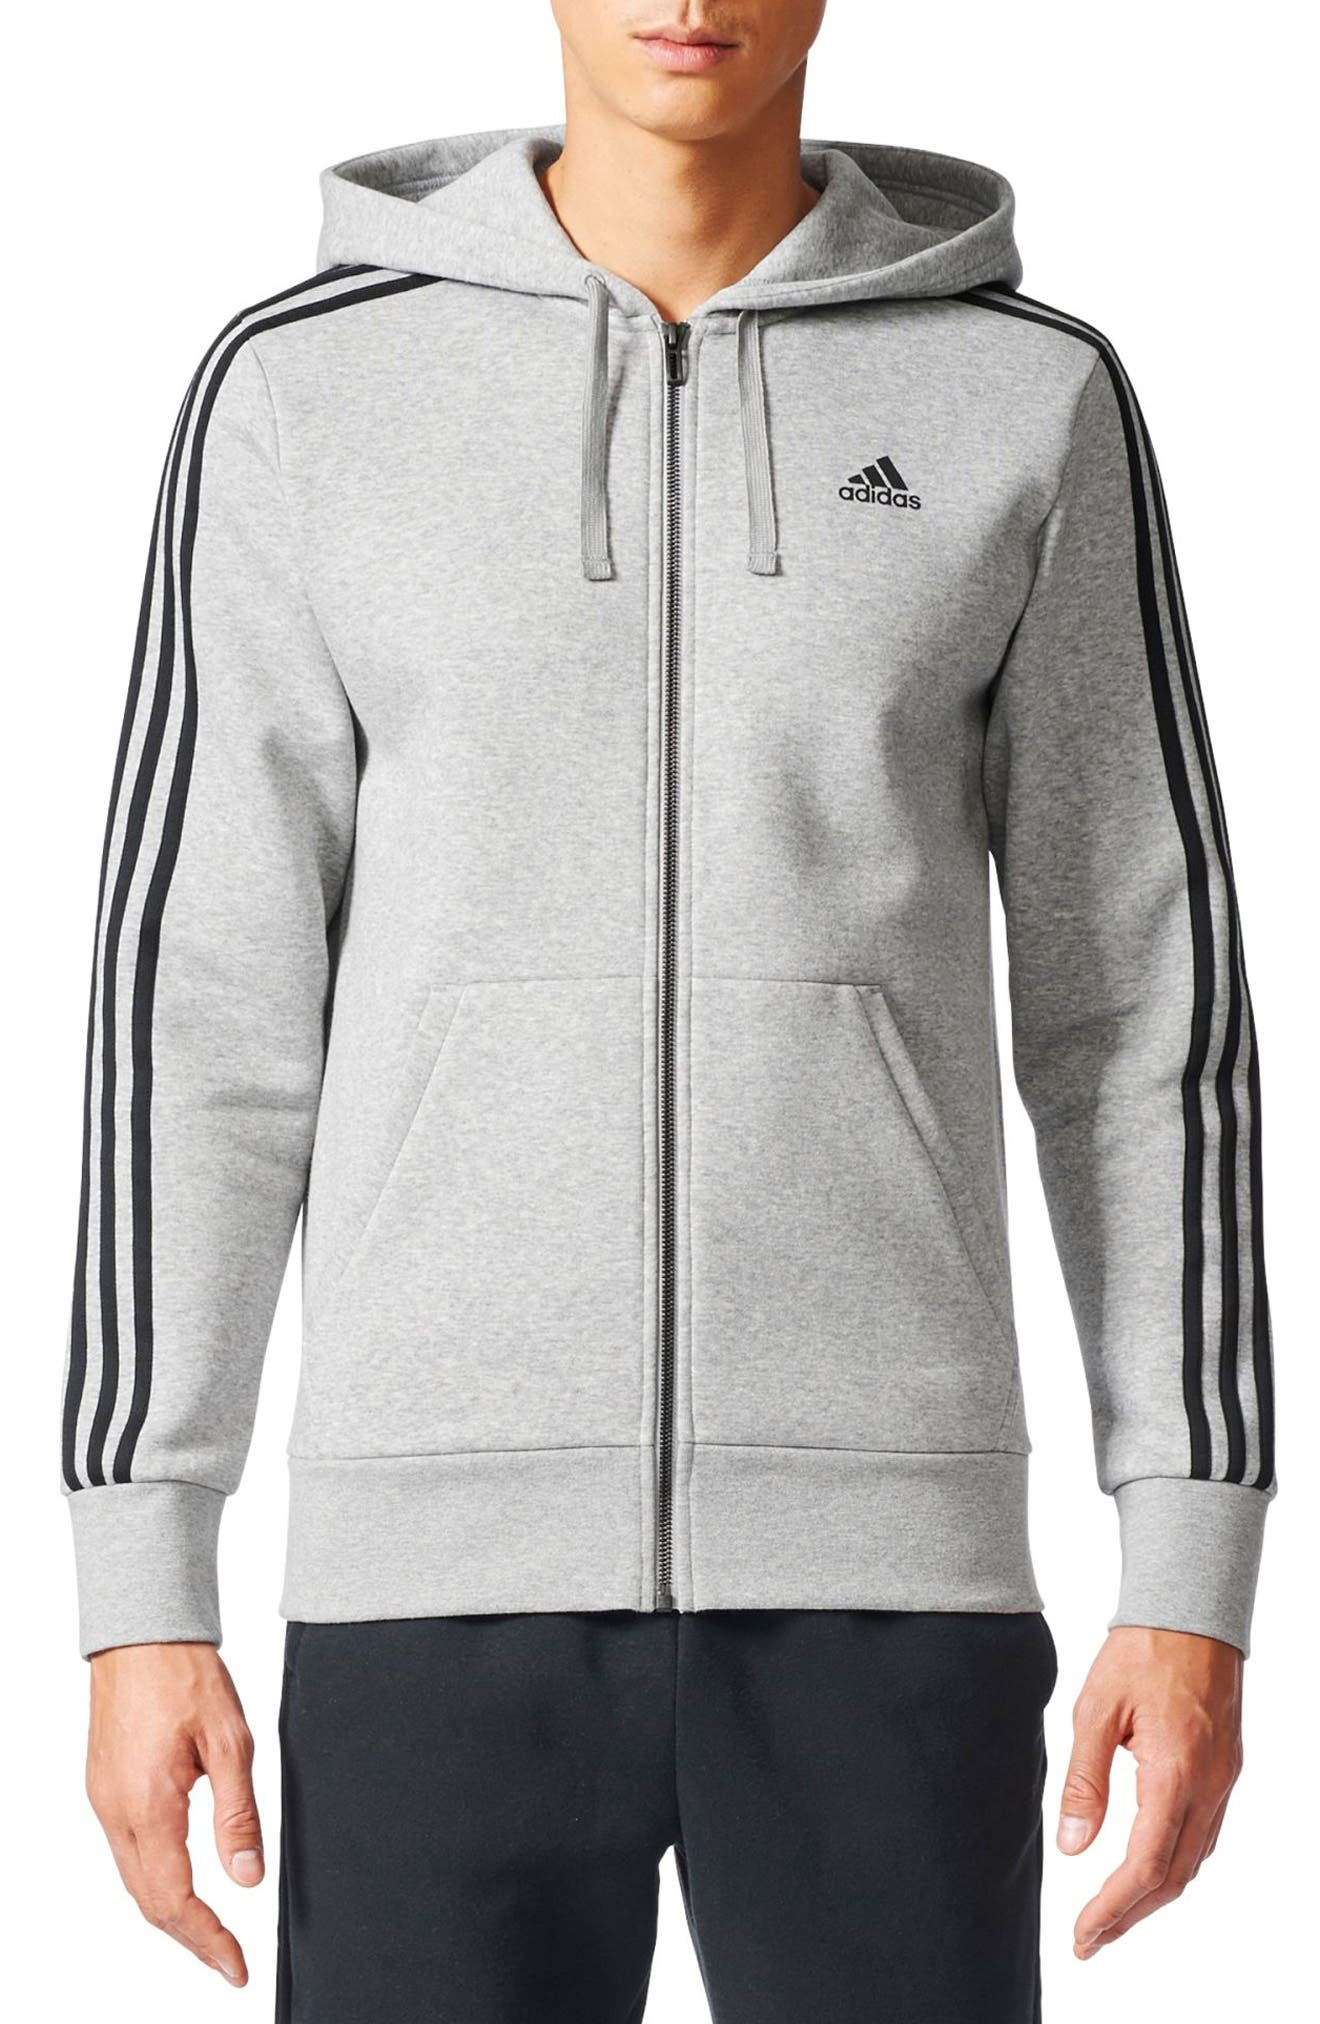 adidas Essentials 3S Brushed Fleece Zip Hoodie